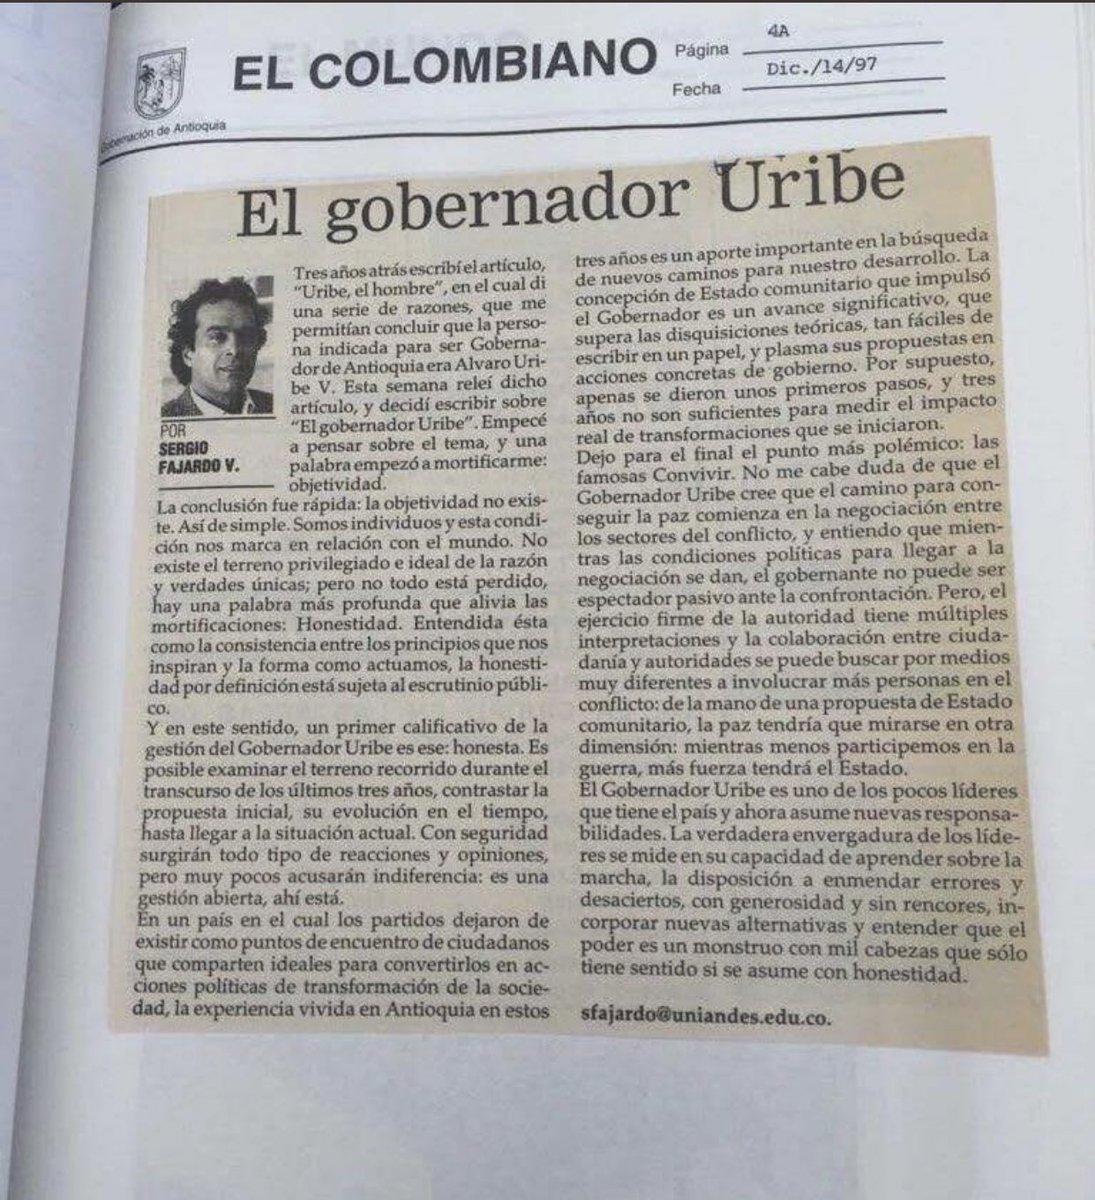 """Laura Medina Ruiz on Twitter: """"""""Un primer calificativo de la gestión del  Gobernador Uribe es: Honesta"""" Así elogiaba @sergio_fajardo la gestión de  Uribe como Gobernador de Antioquia.… https://t.co/Z6J5biUwgY"""""""